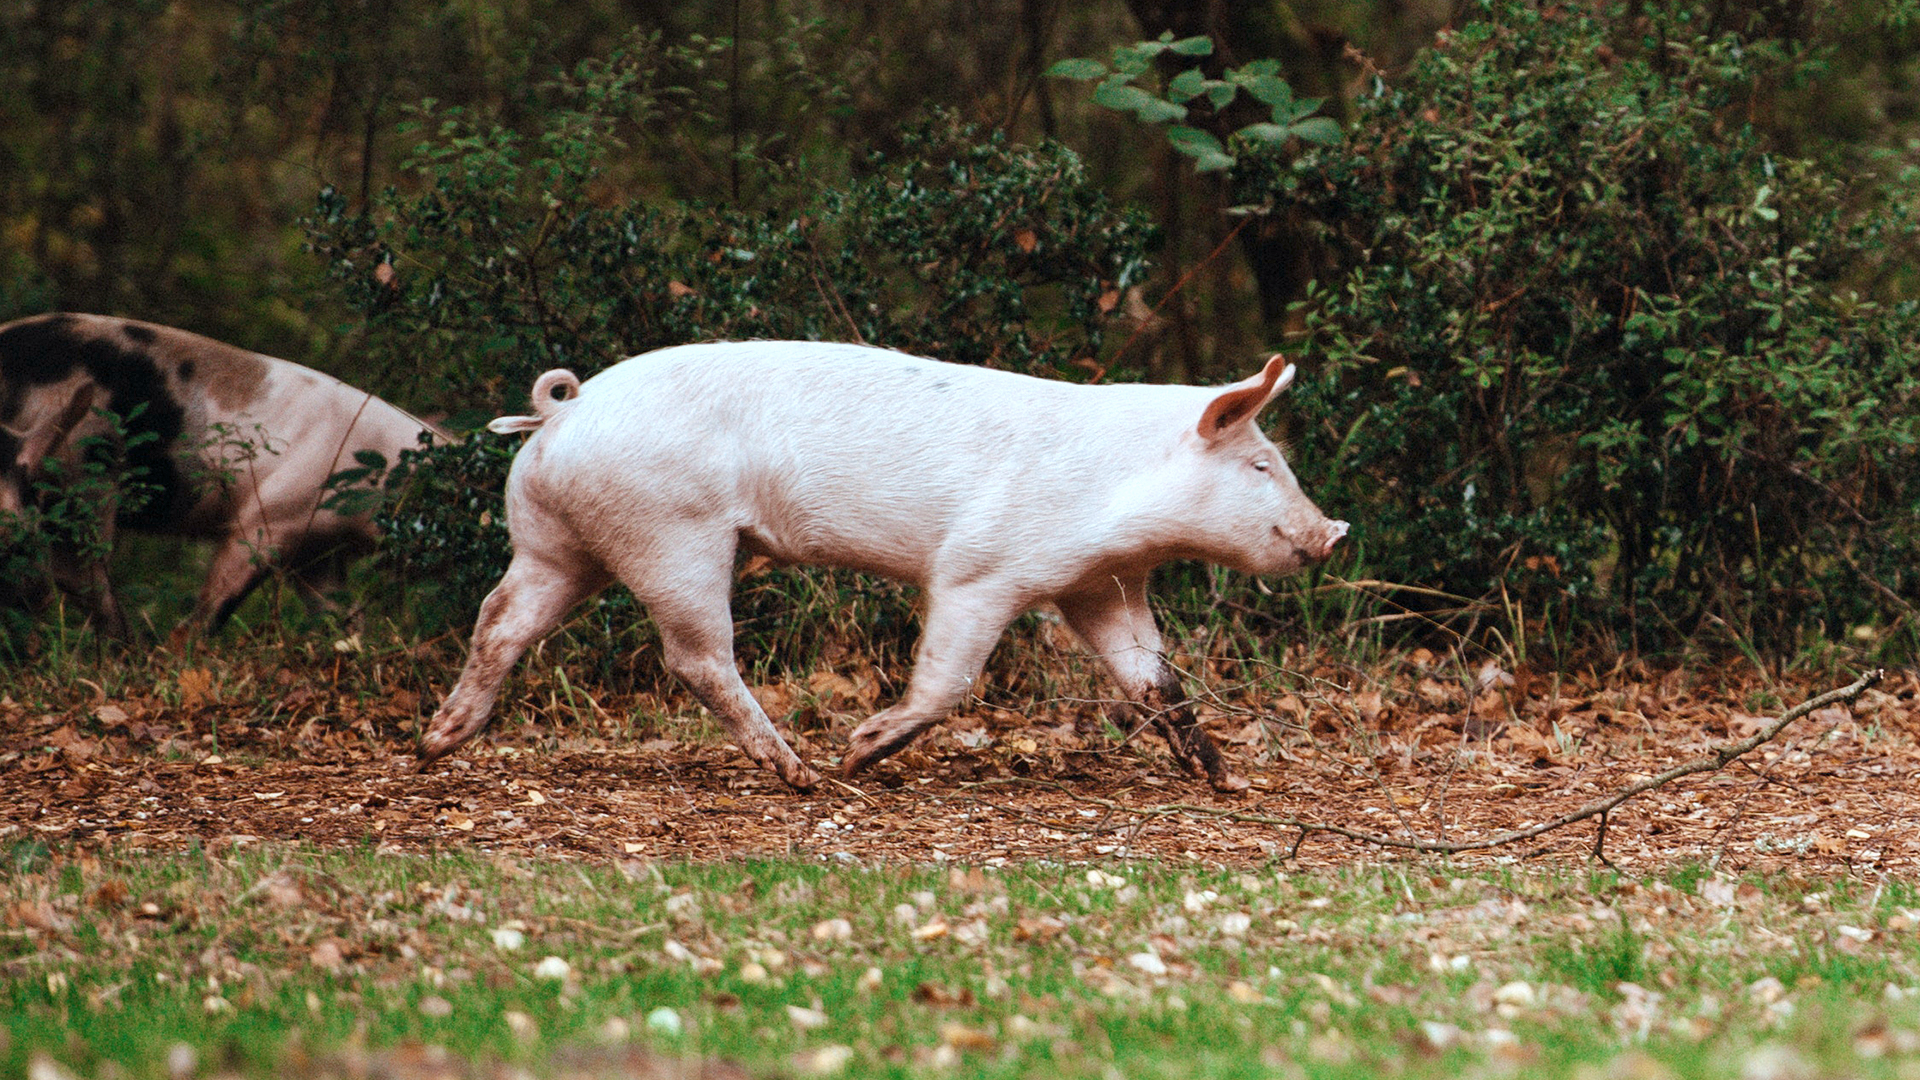 Tierärzte gegen Fristverlängerung bei Ferkelkastration